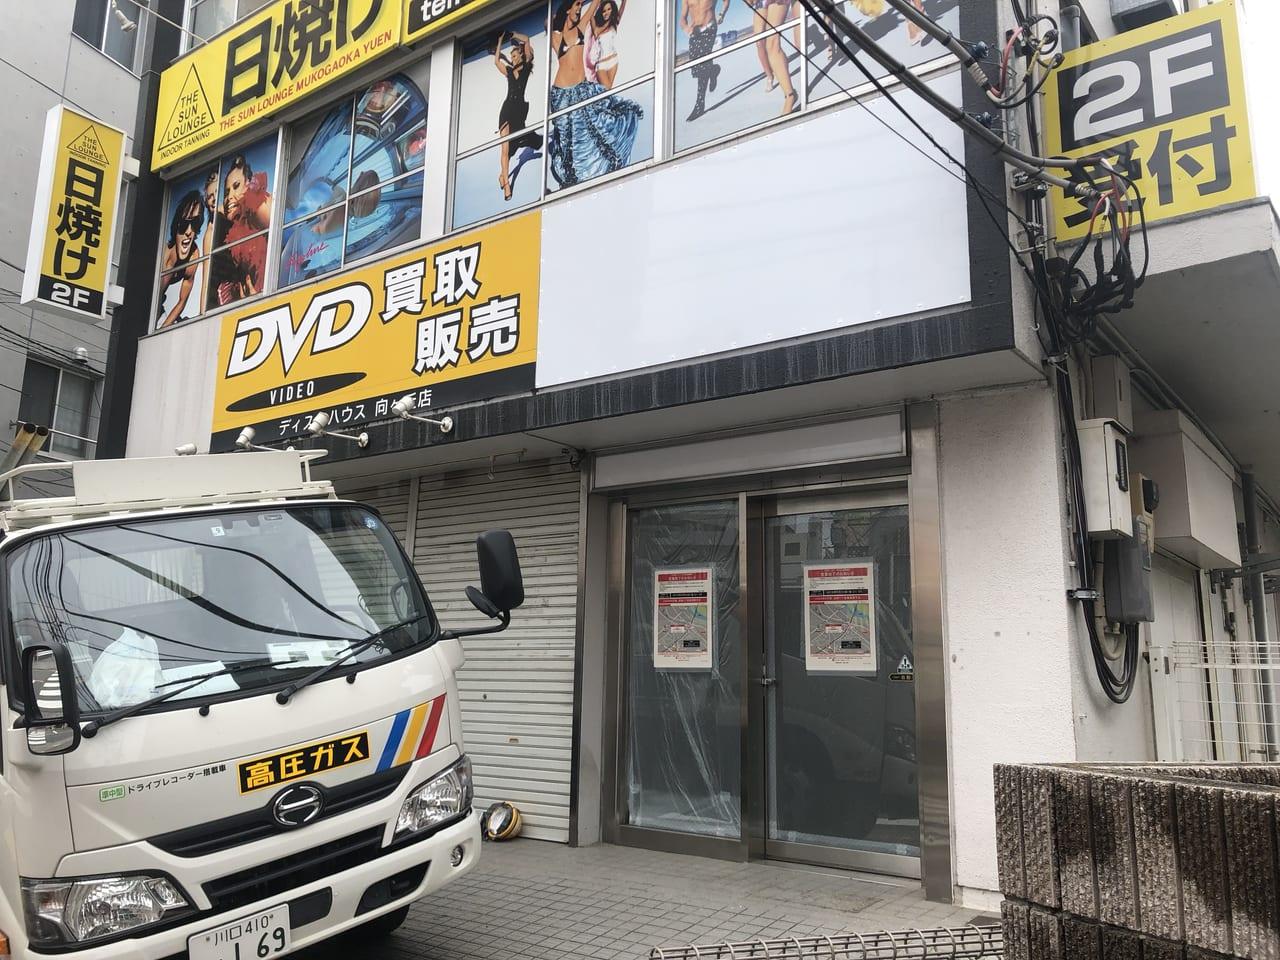 三菱UFJ銀行向ヶ丘駅前ATM閉店(2019年撮影)